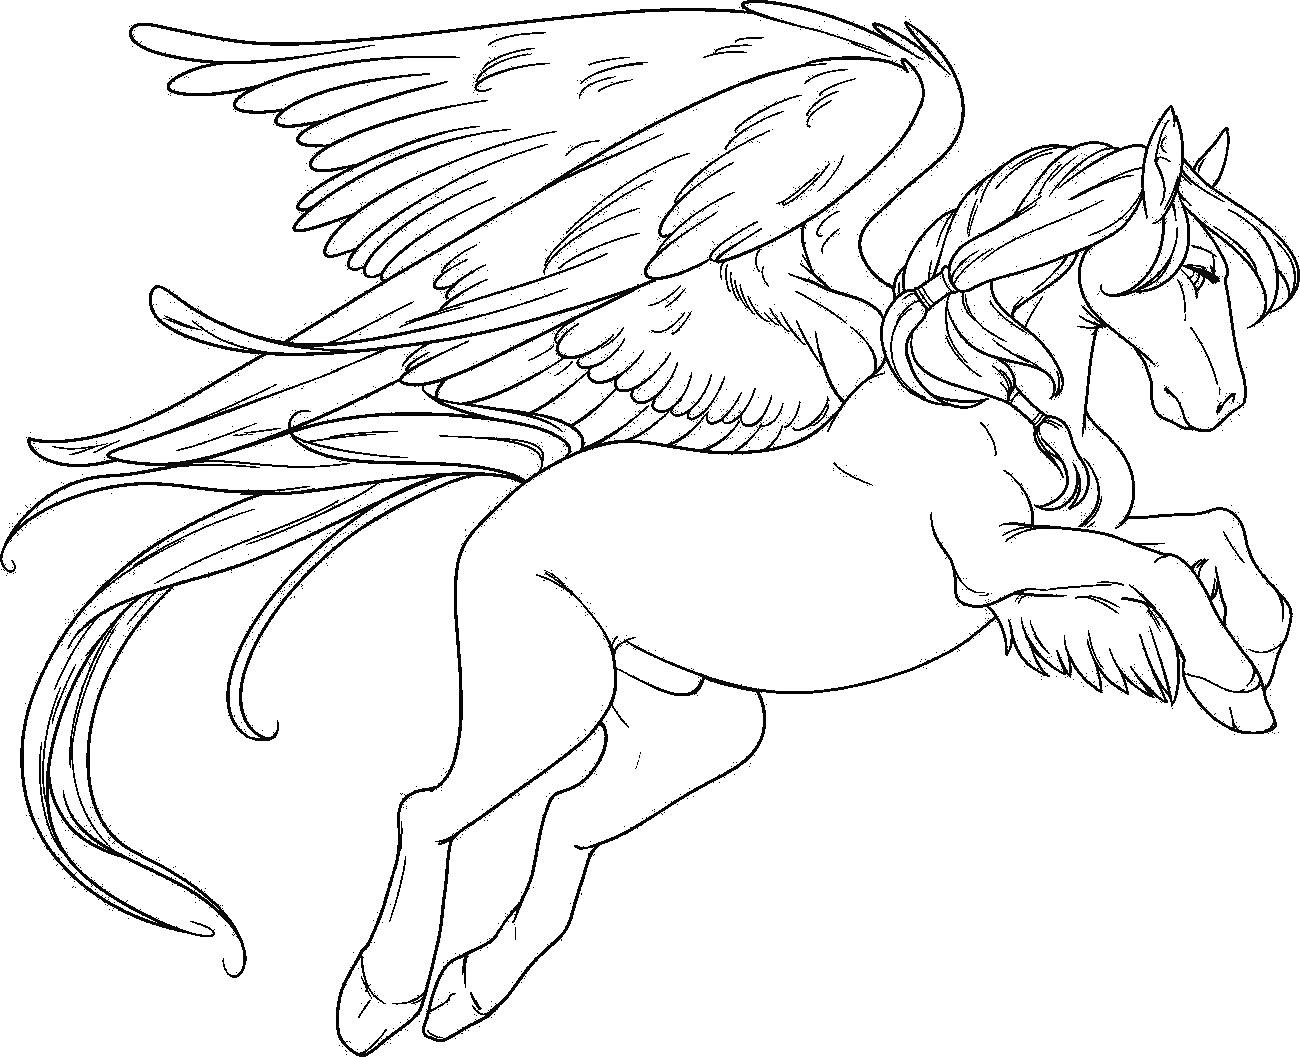 1300x1057 Limited Pegasus Colouring Pages Unique Adult Coloring Design